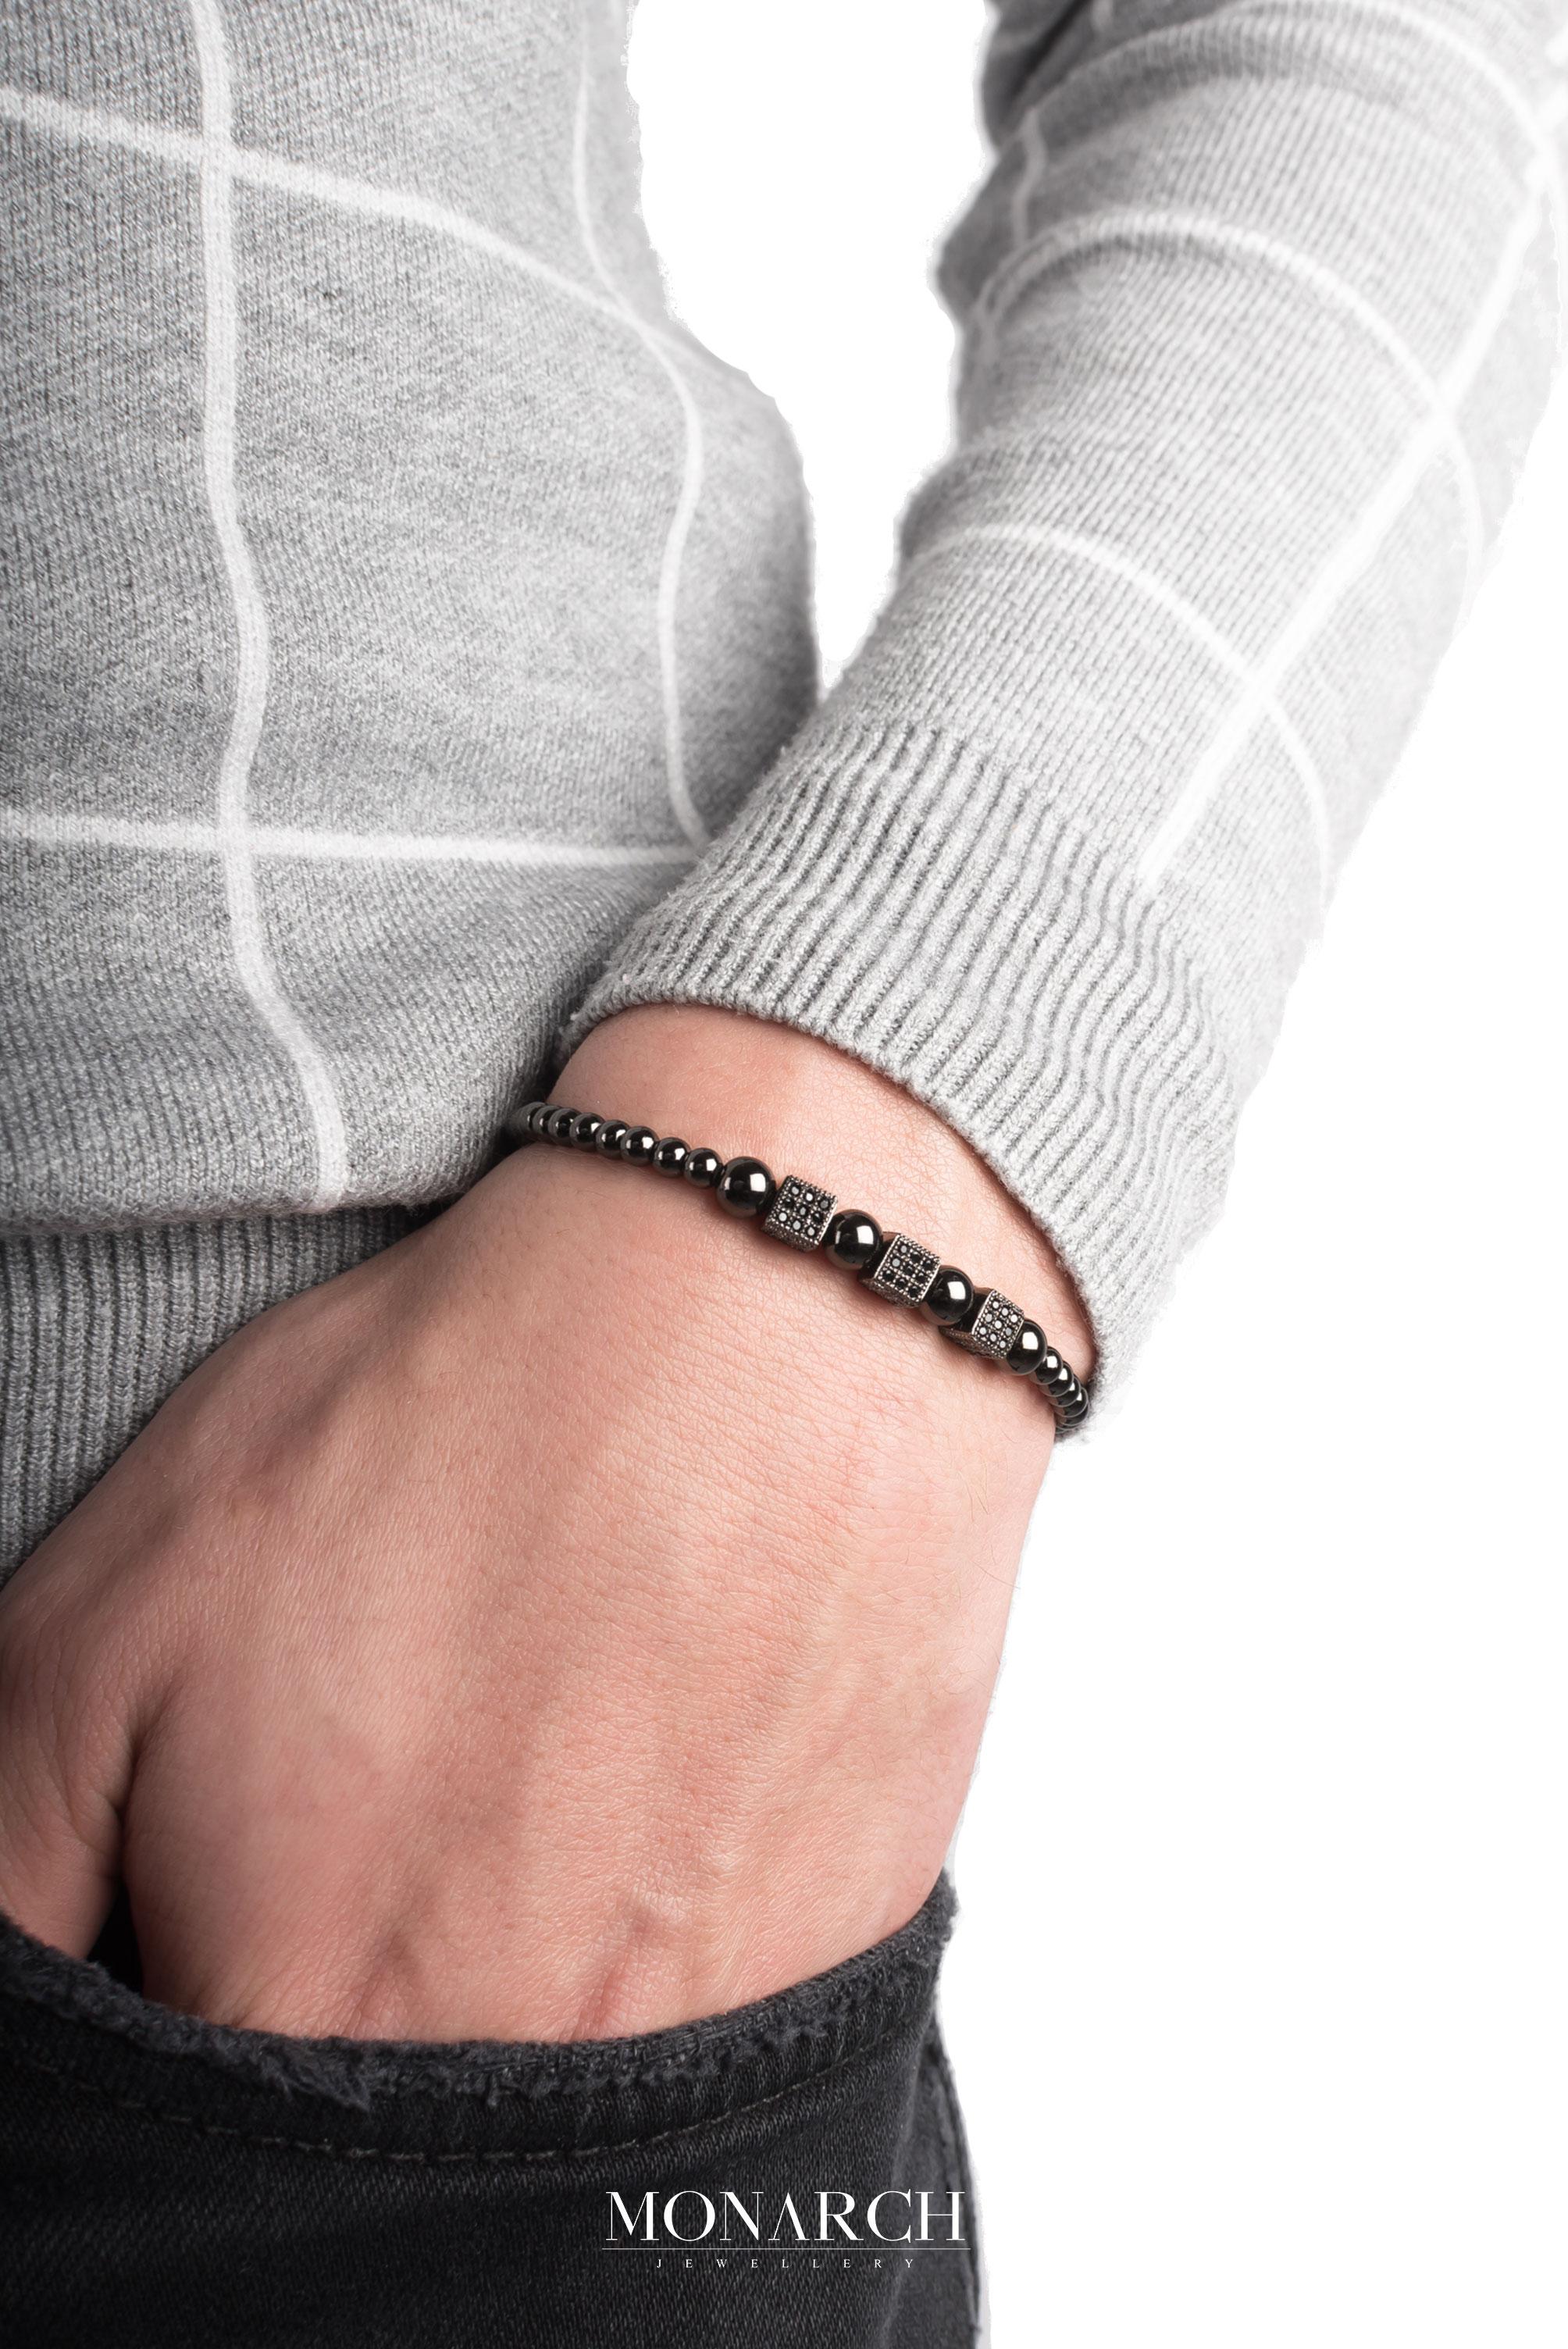 black luxury bracelet for man, monarch jewellery MA139NBT